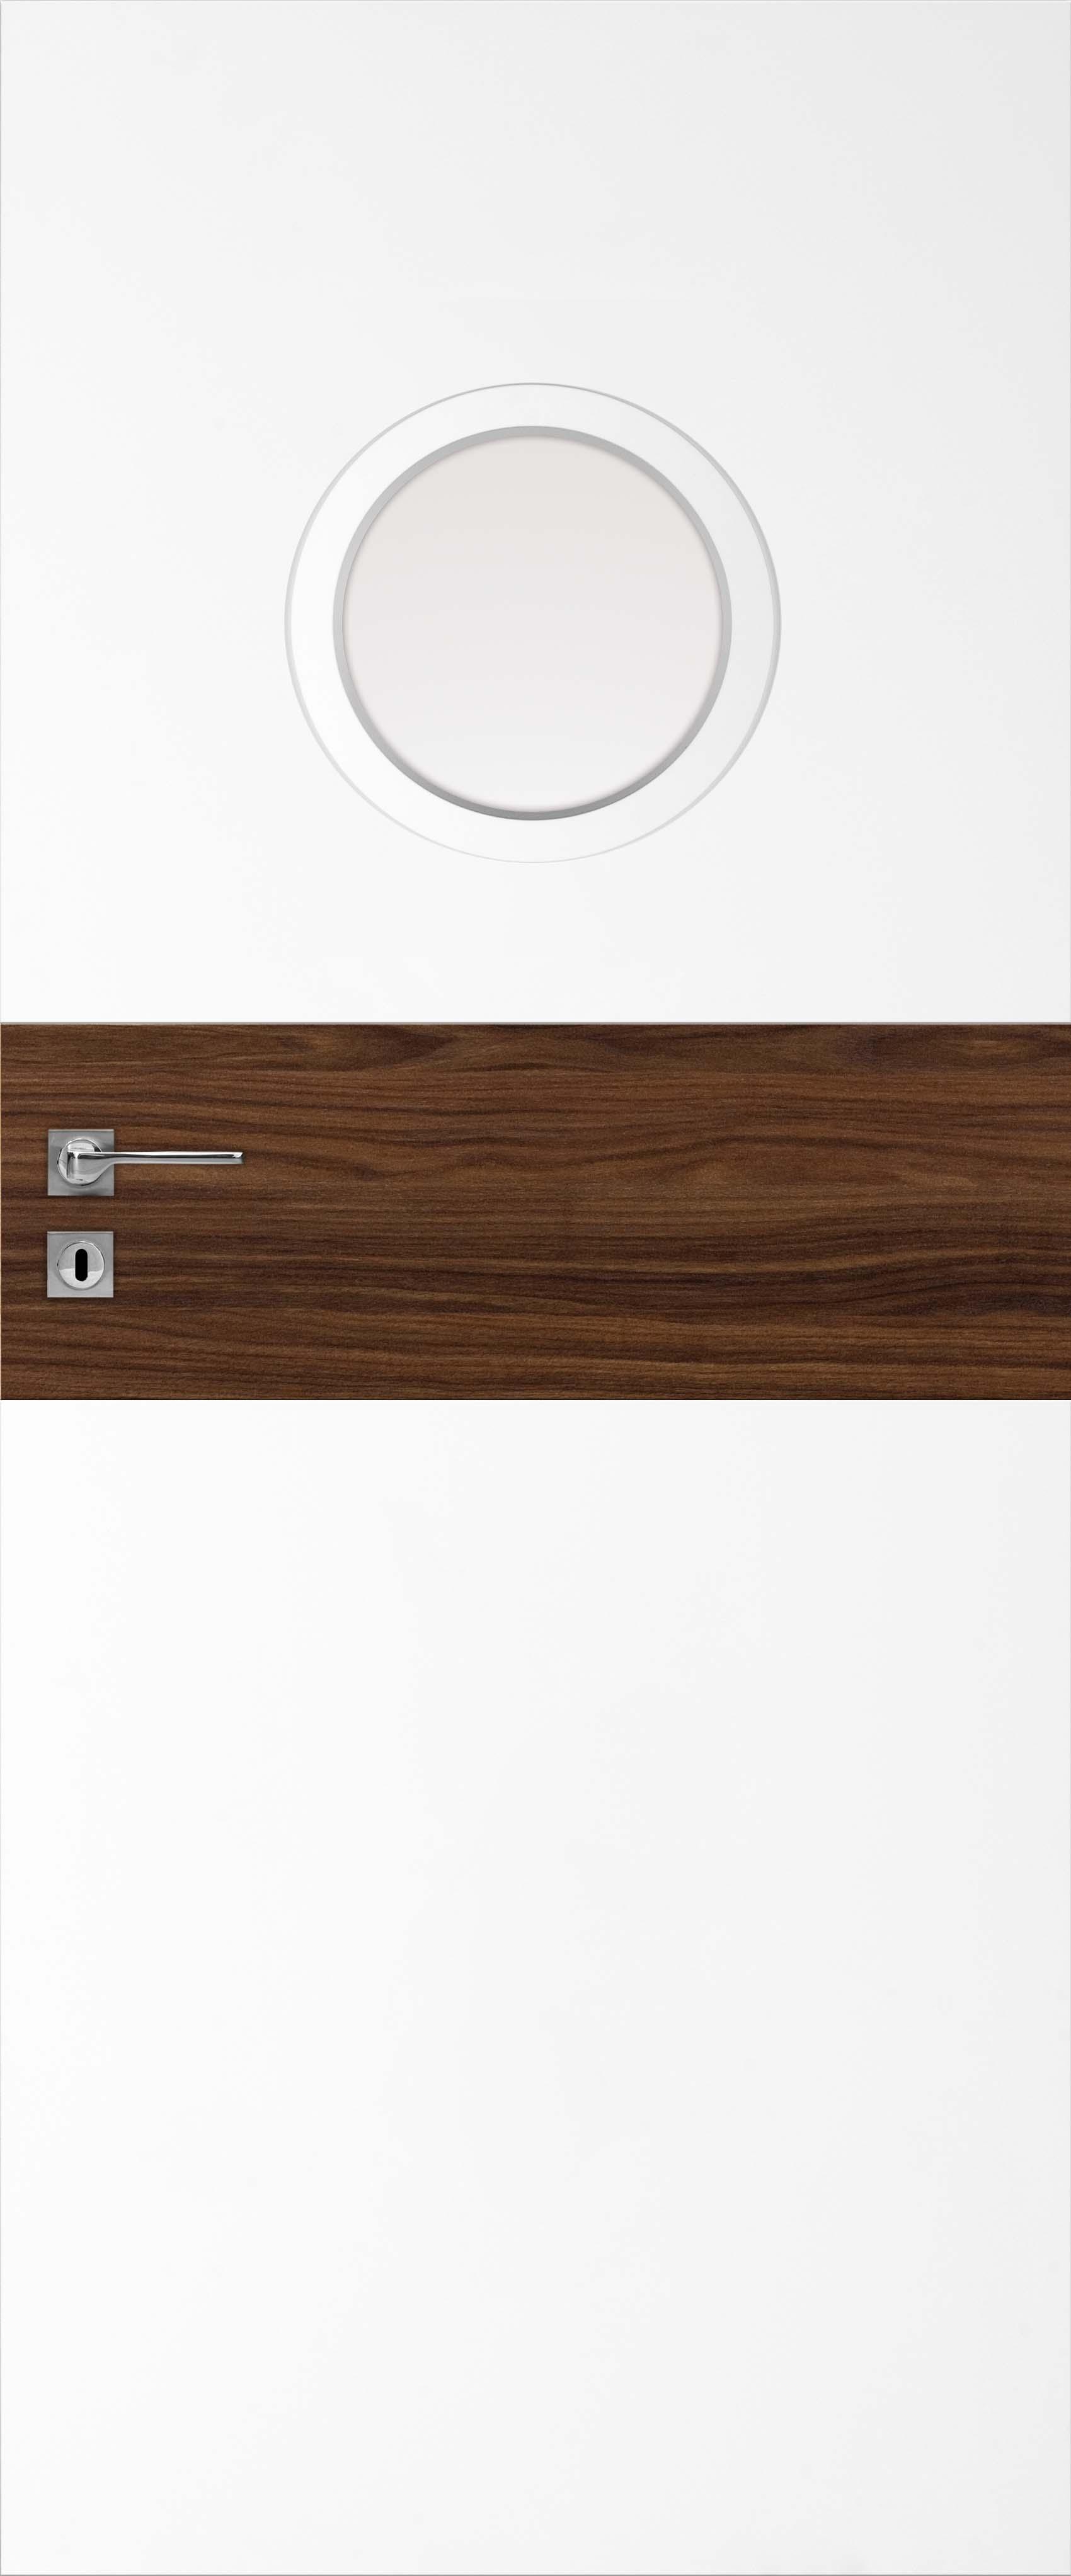 RIVIA 50, drzwi dwukolorowe, model prezentowany: biały mat/ orzech amerykański, bulaj srebrny